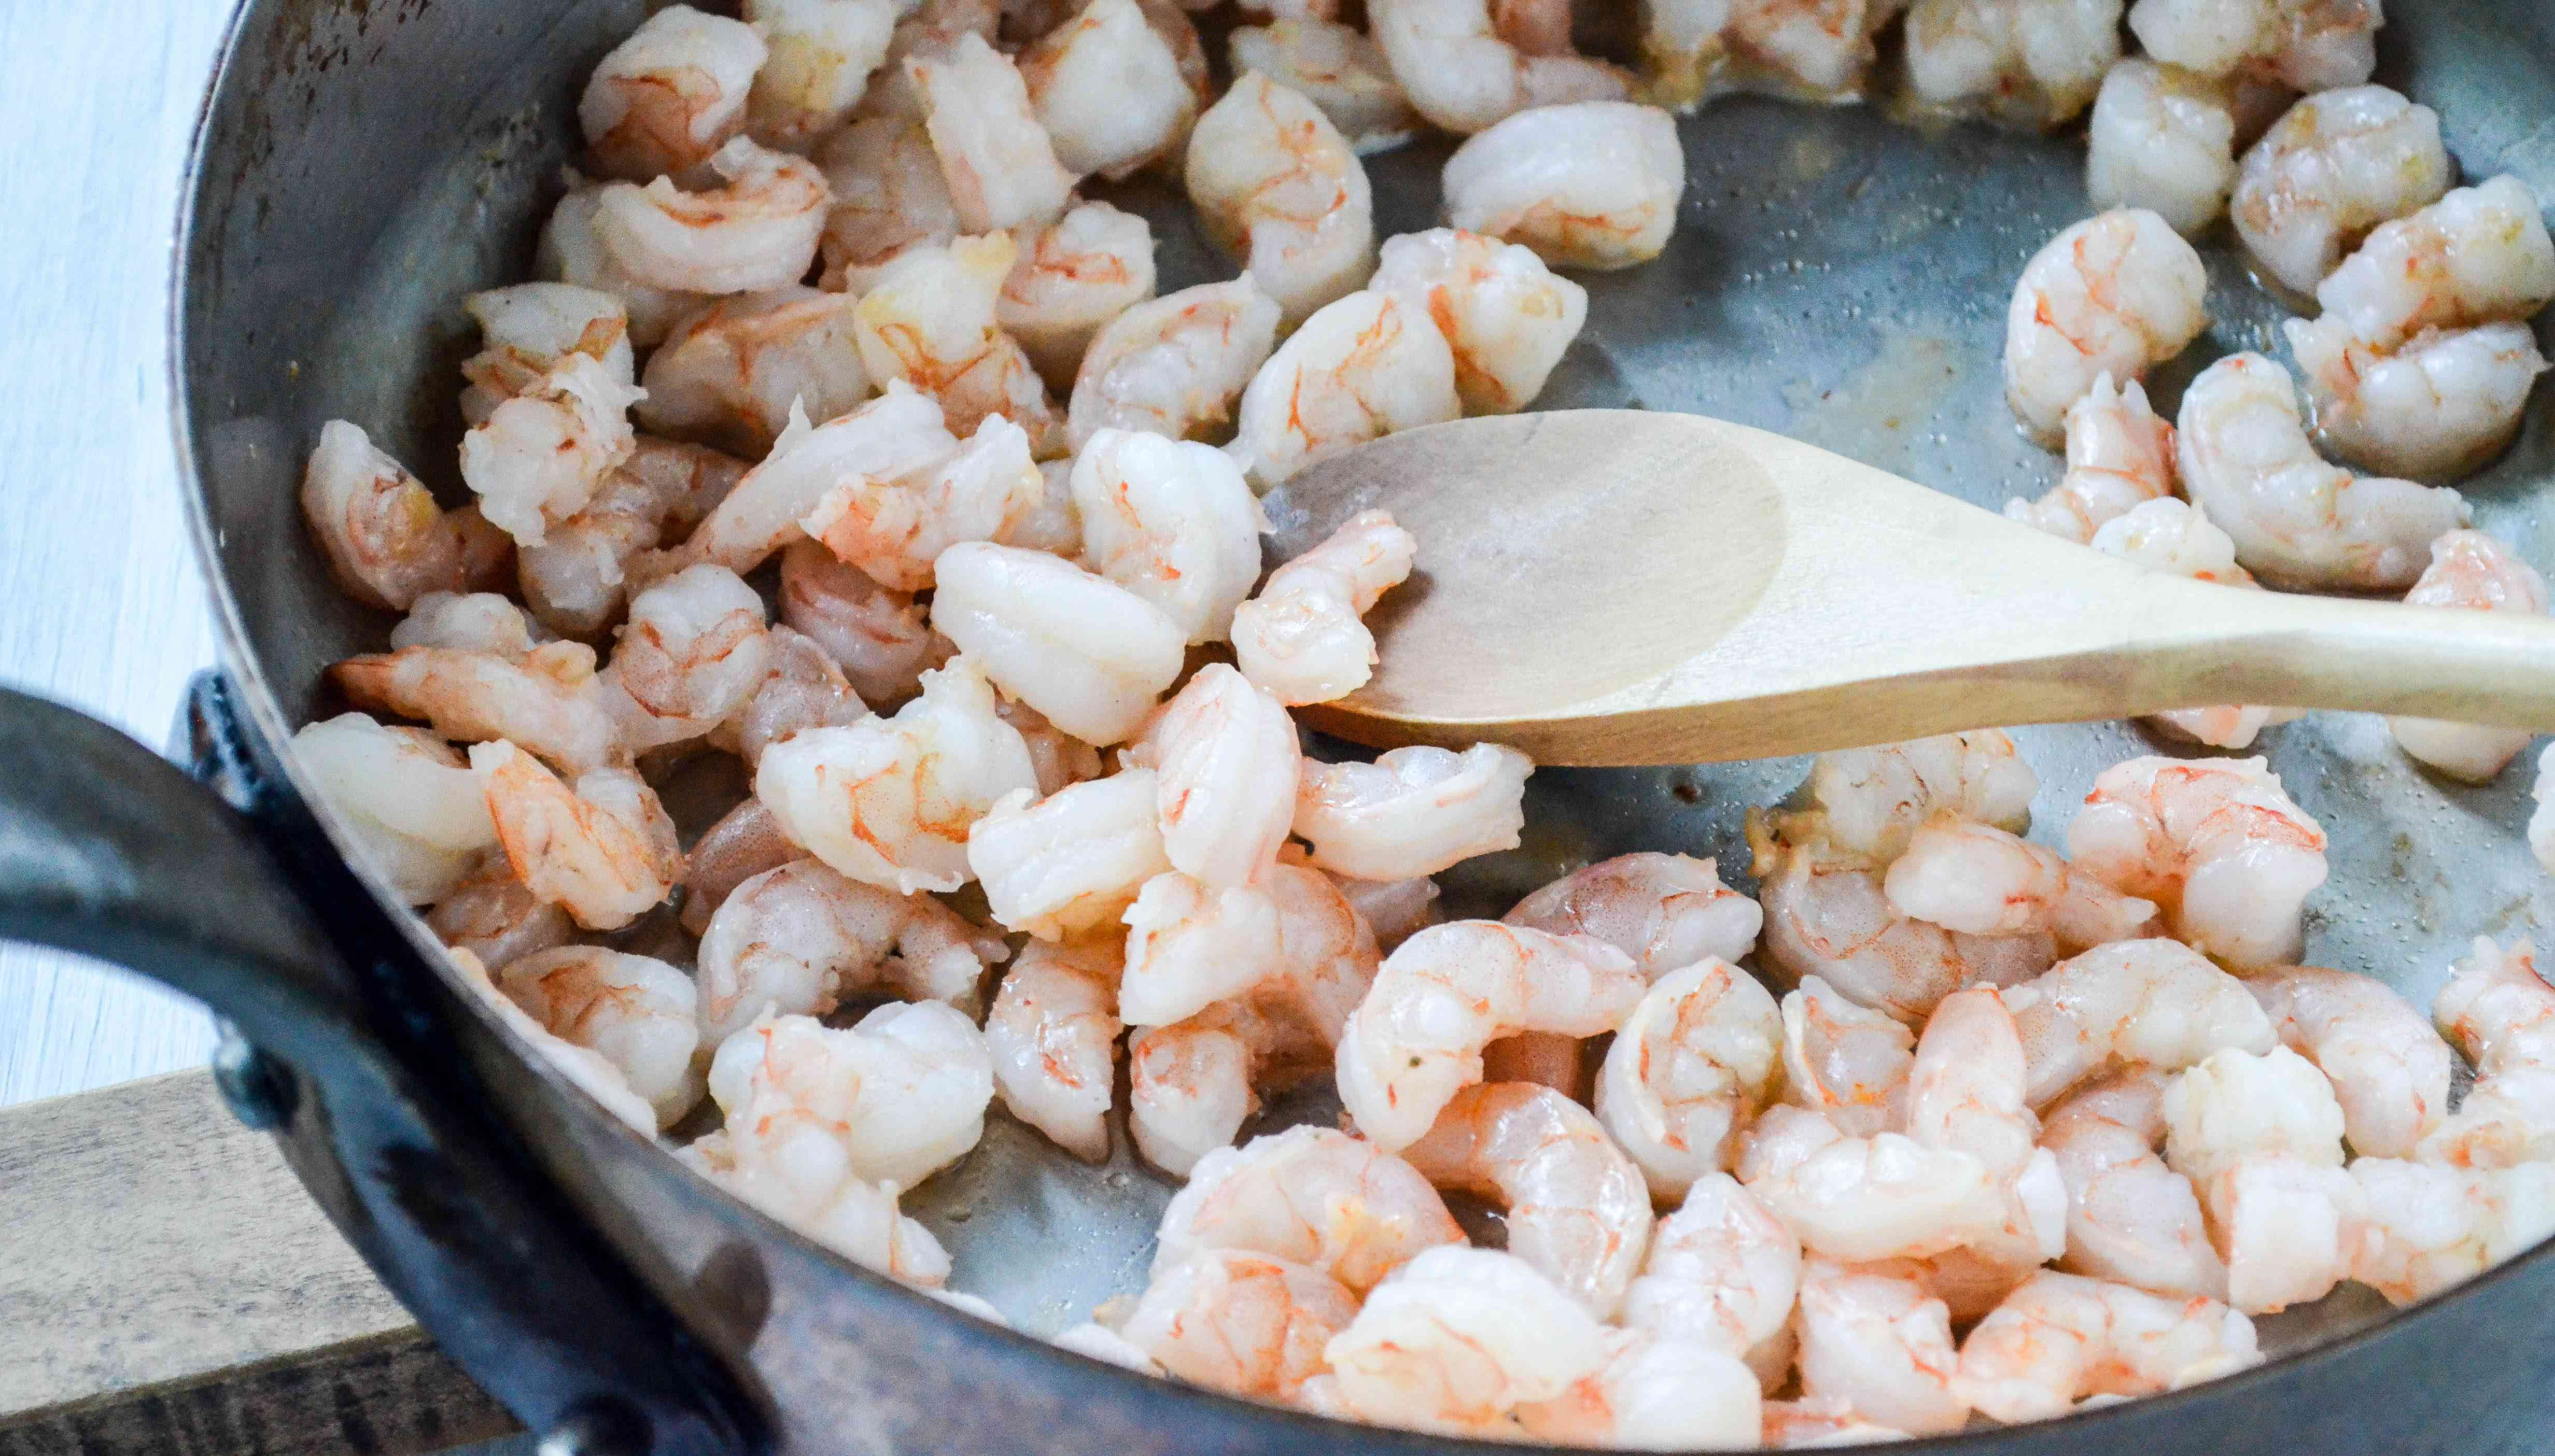 Cook the shrimp for shrimp avocado salad